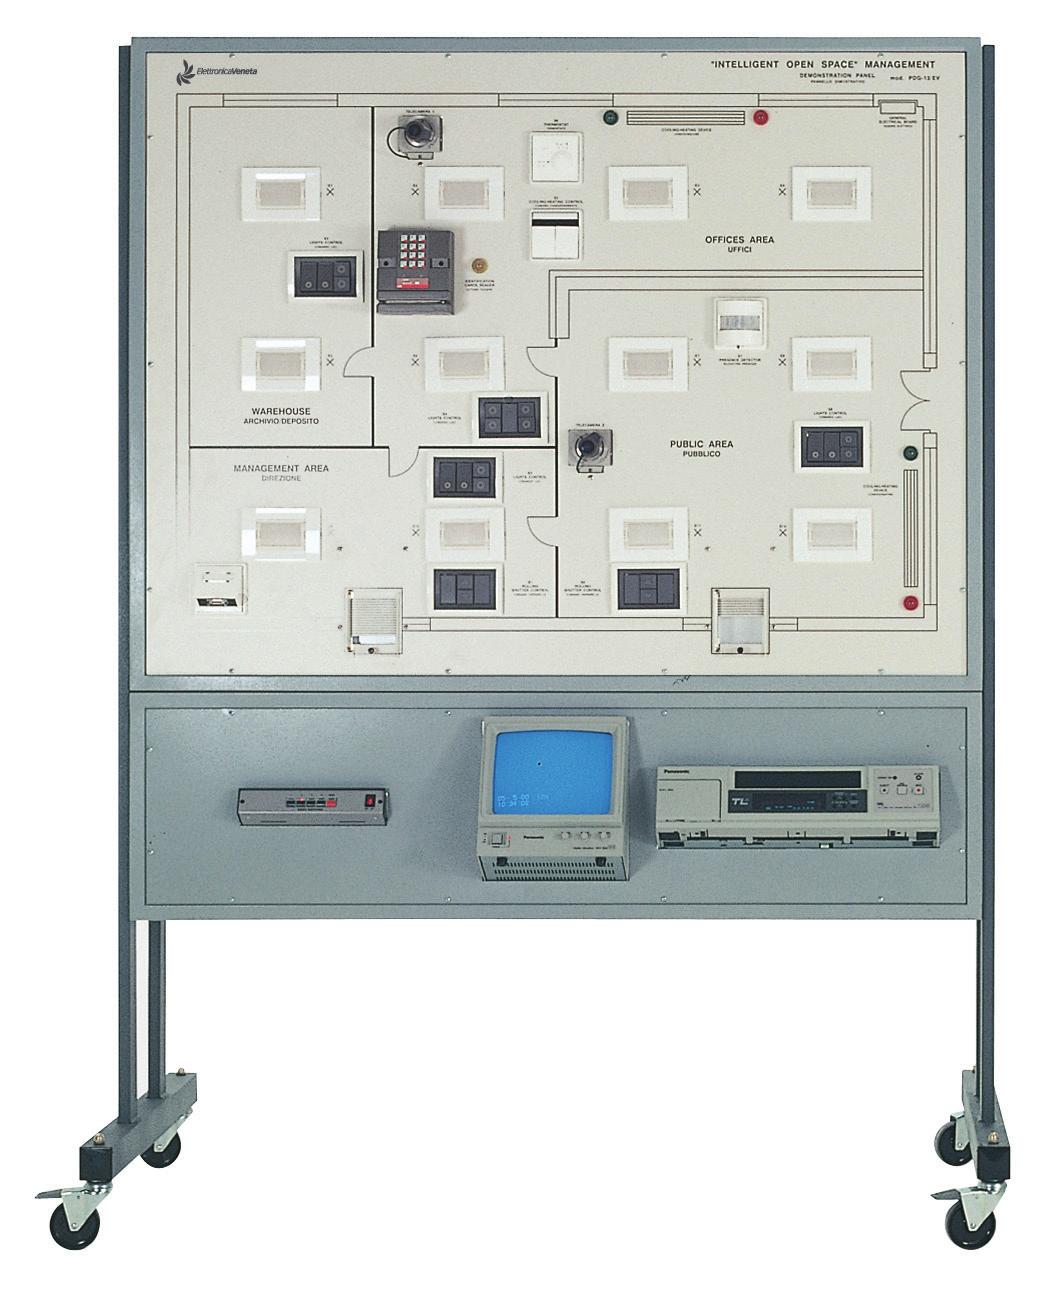 Painel para Demonstração para Análise de Projeto e Operacional dos Sistemas Elétricos/Eletrônicos de Área Livre Inteligente – Ref. DT-DM010